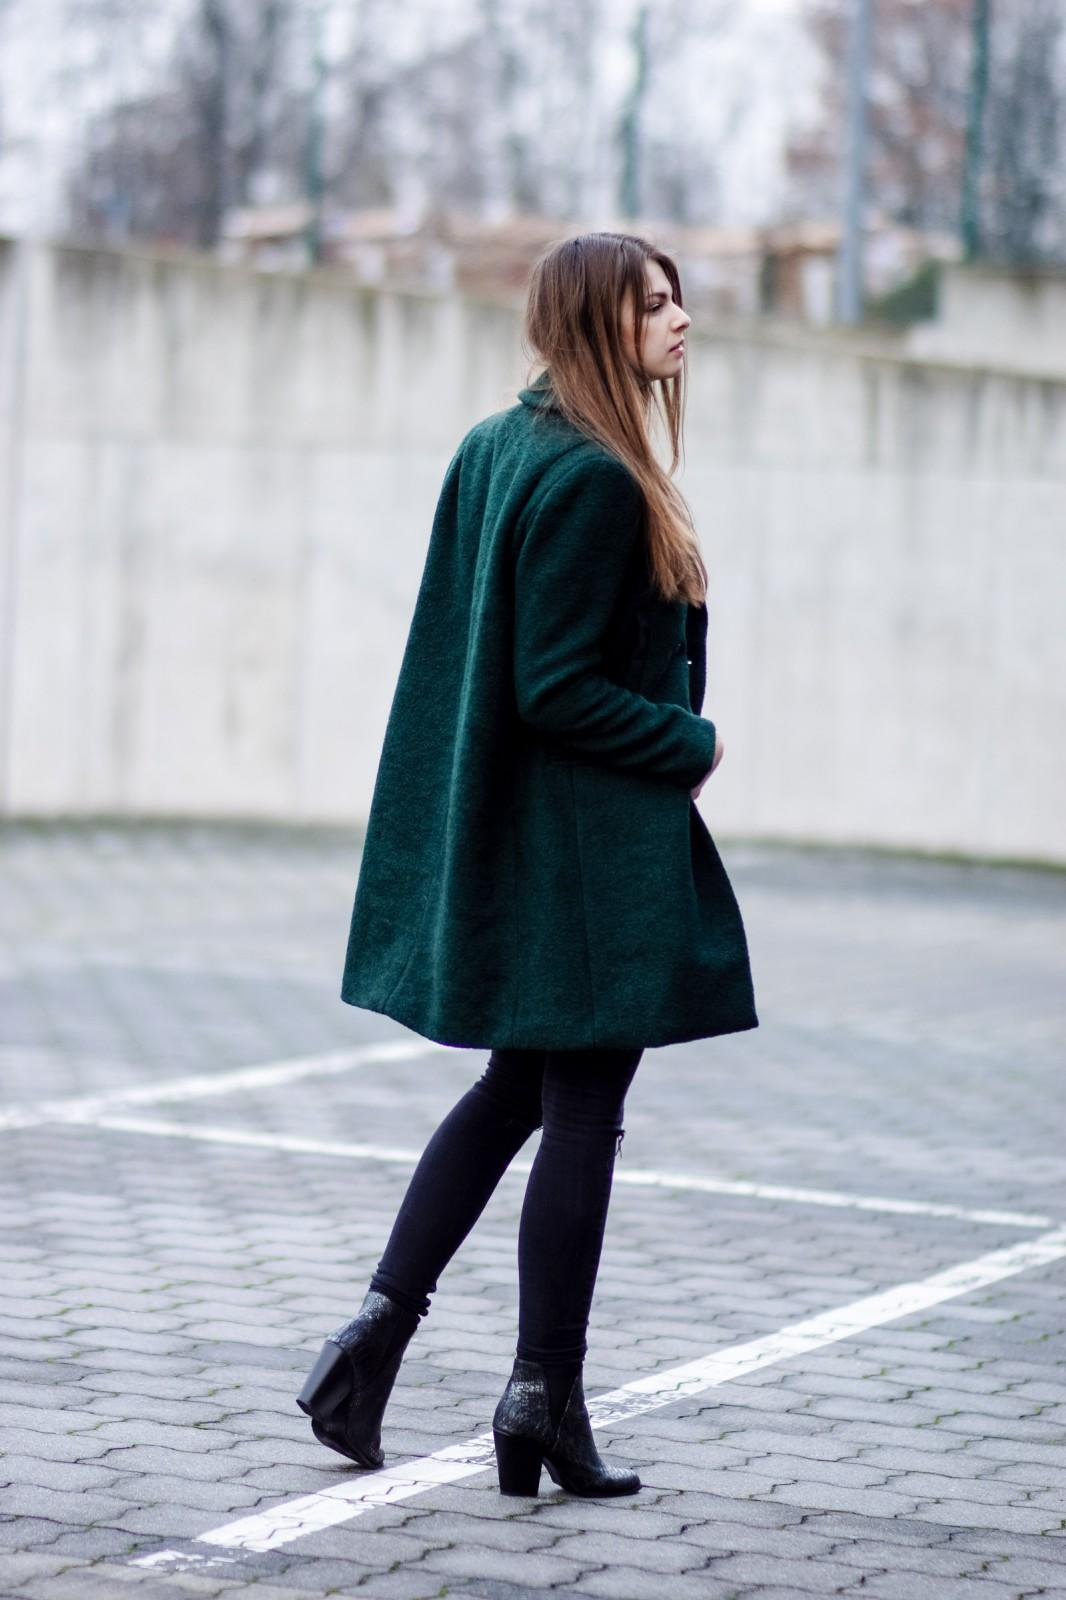 Wie trägt man einen grünen Mantel